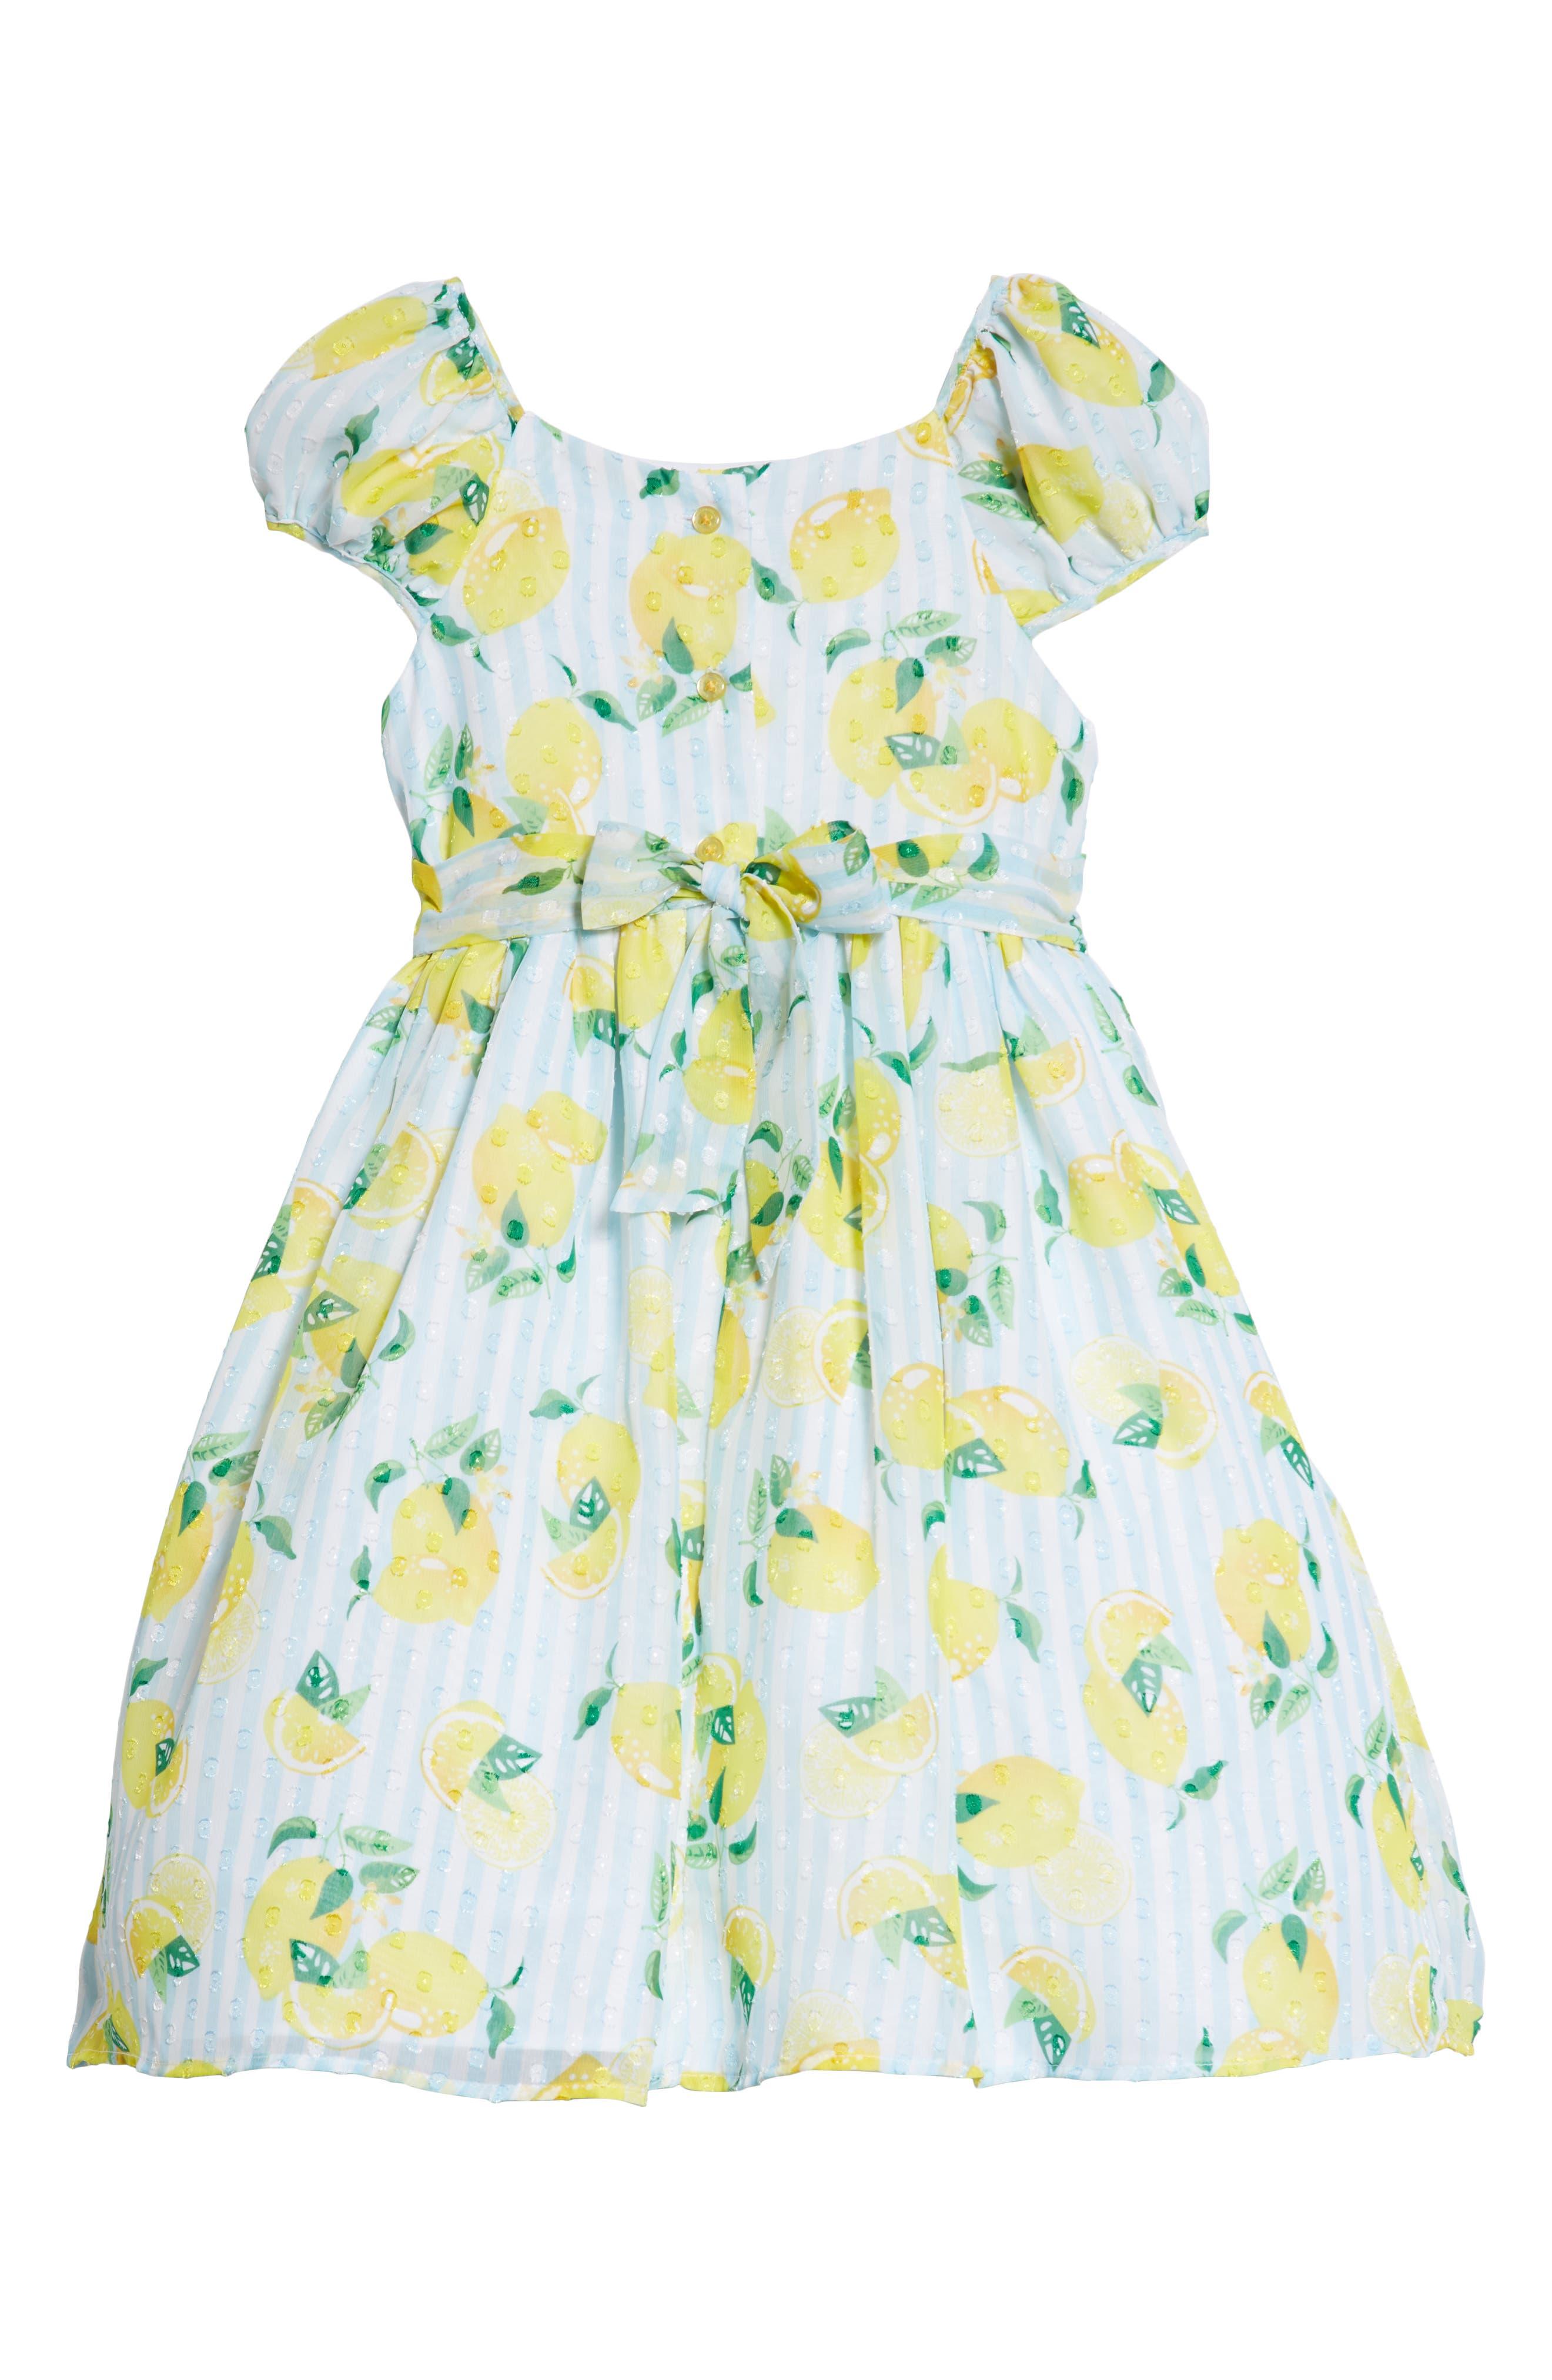 Alternate Image 2  - Pastourelle by Pippa & Julie Lemon Print Dress (Toddler Girls & Little Girls)